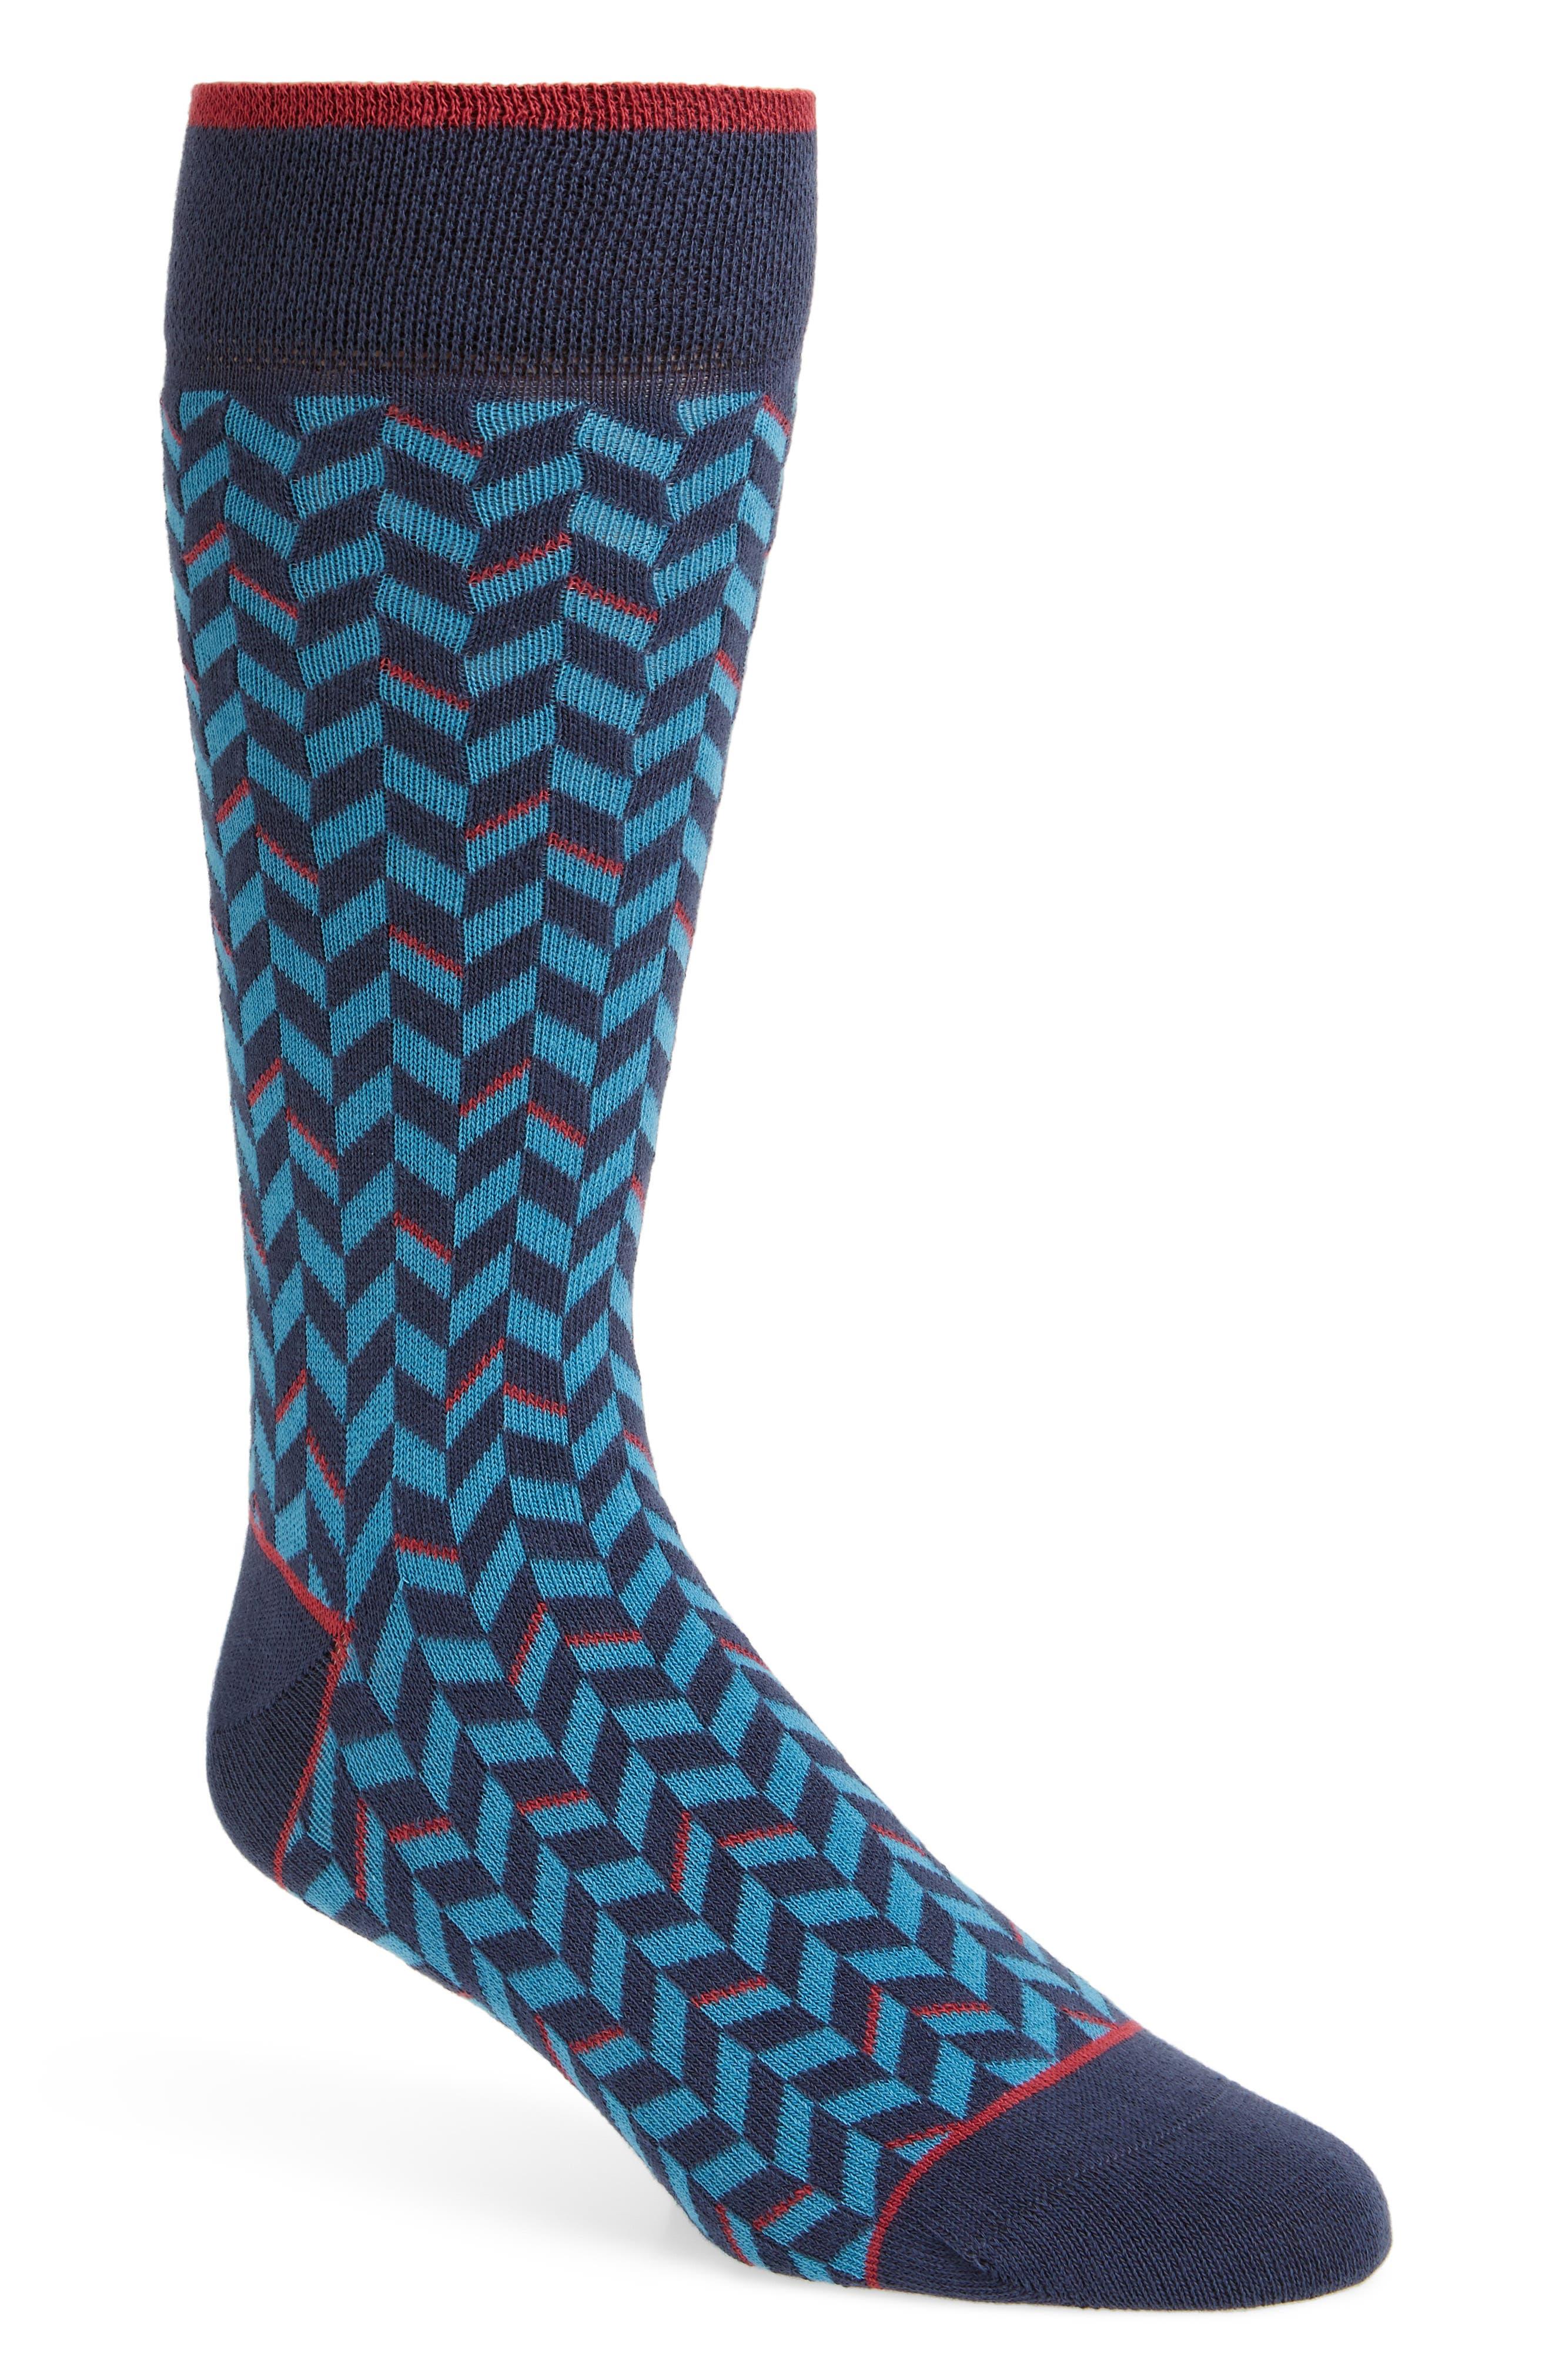 Enom Geometric Socks,                         Main,                         color, 410